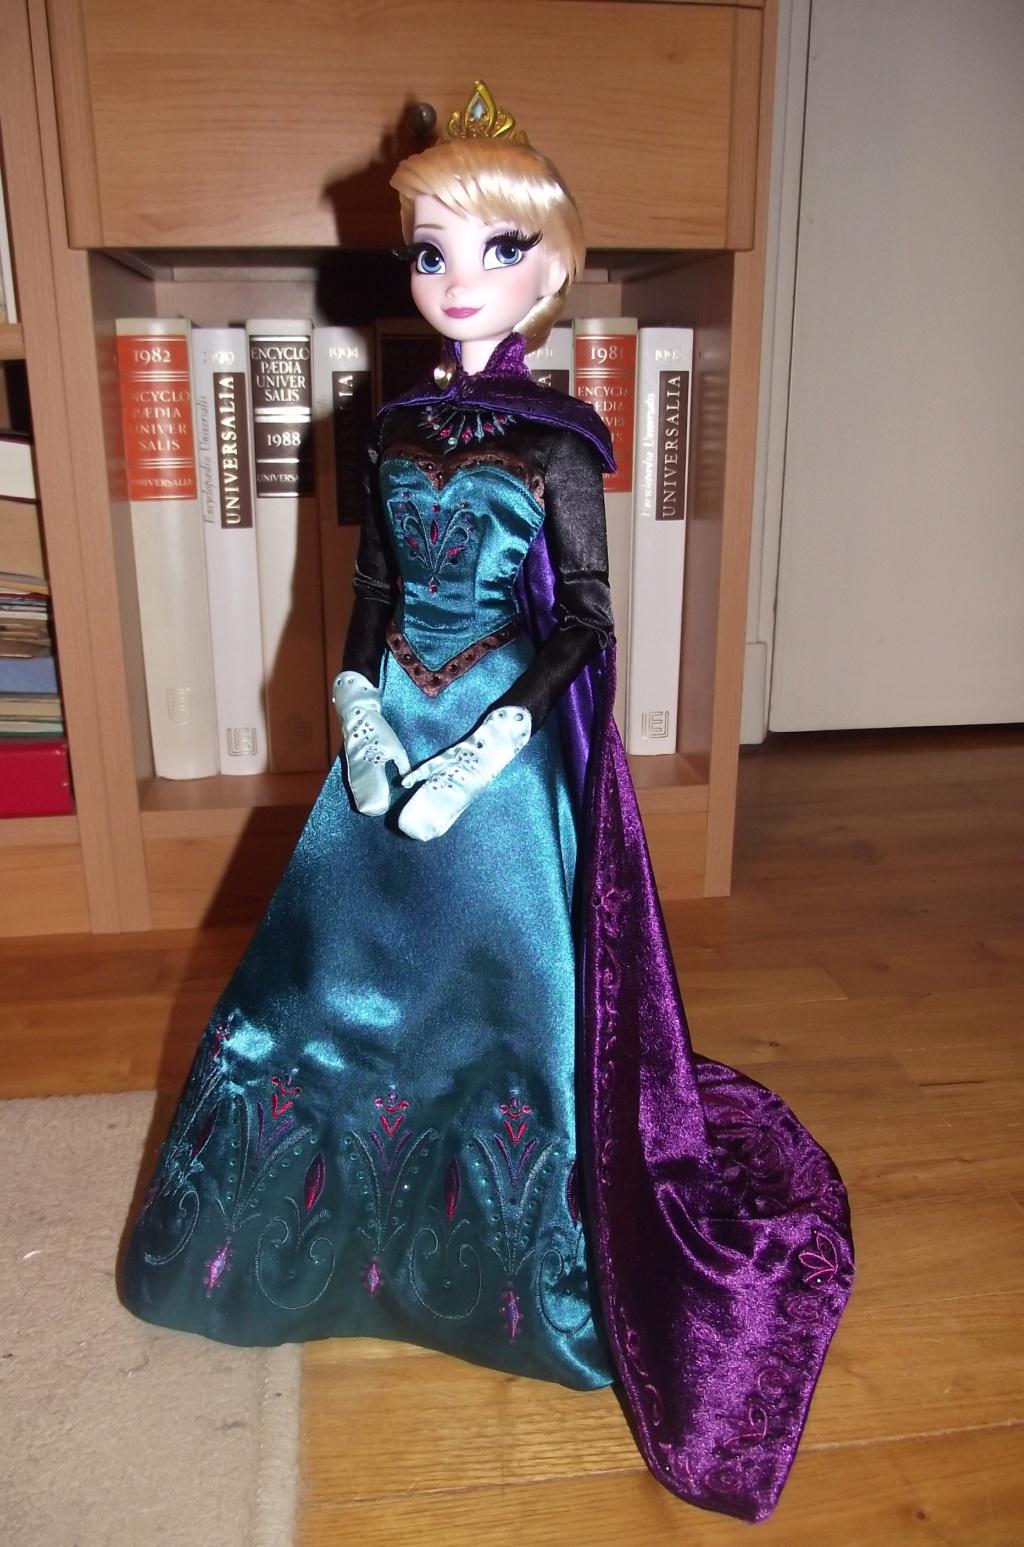 Nos poupées LE en photo : Pour le plaisir de partager - Page 29 Dscf4022